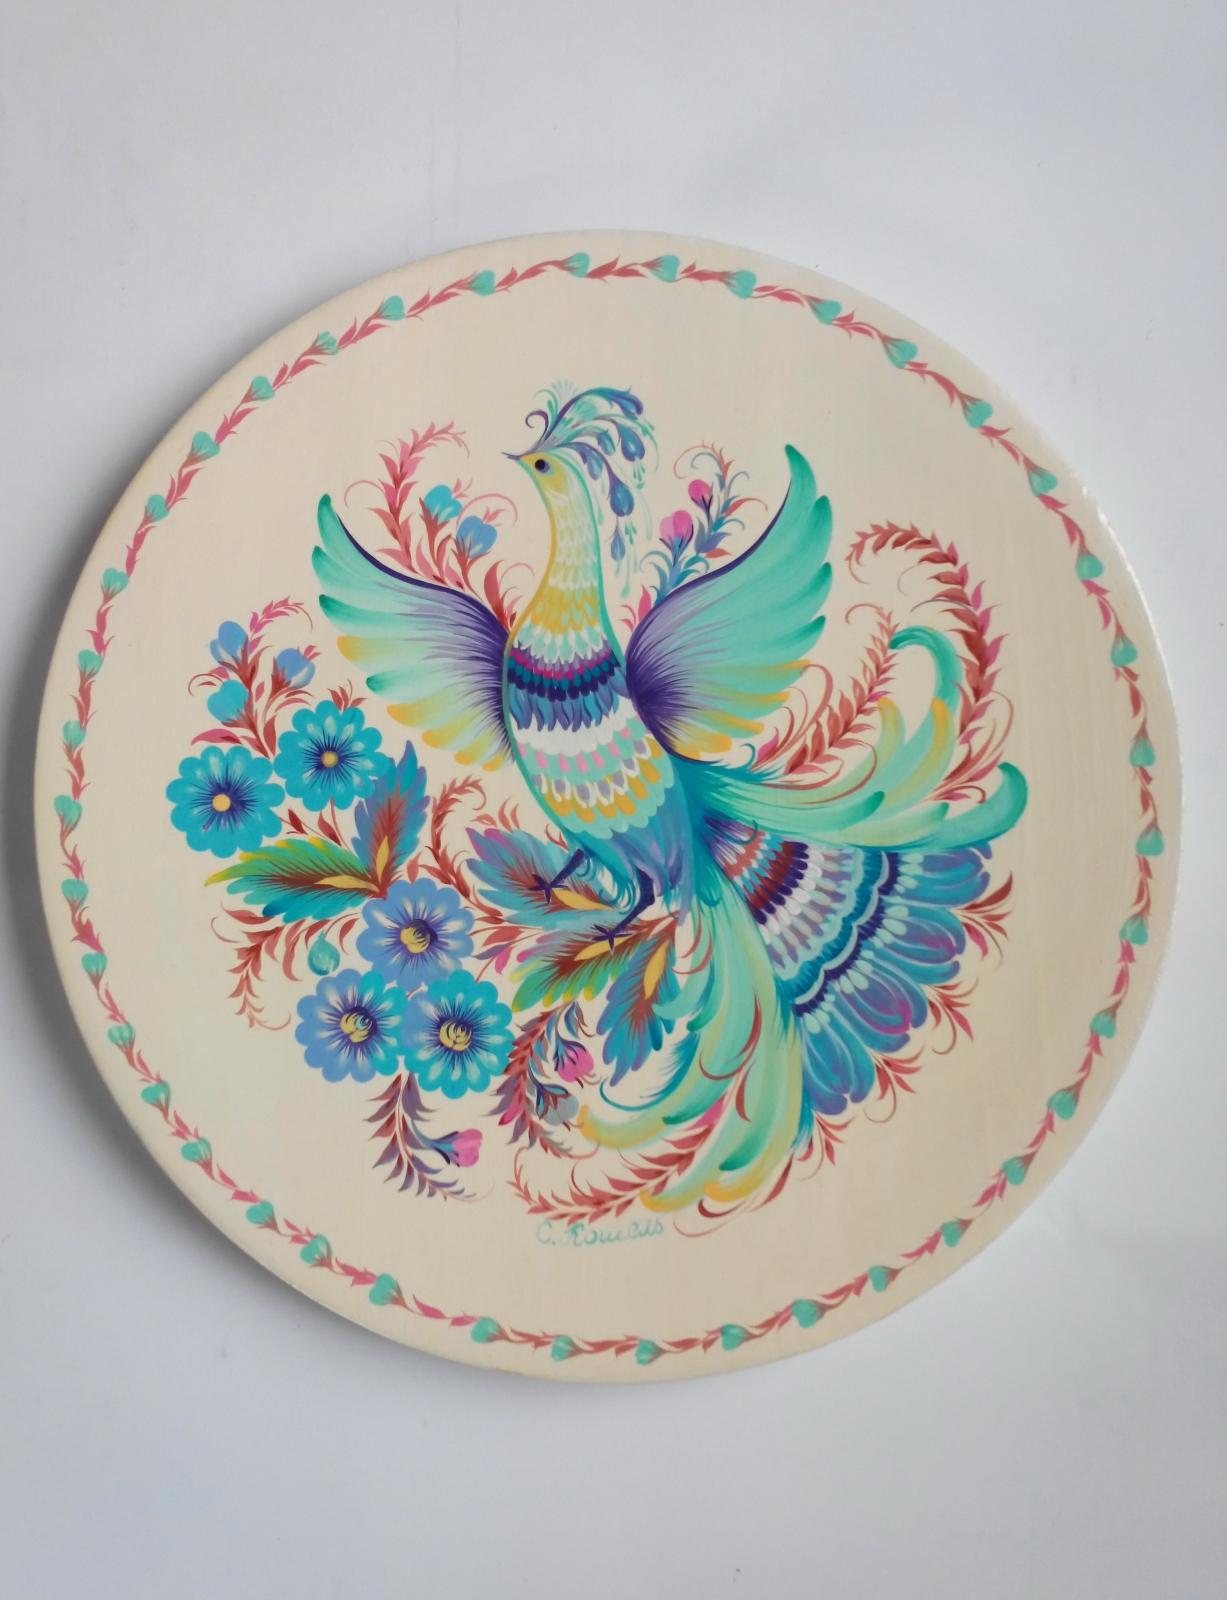 Автор: Светлана Кошель, тарелка. Петриковская роспись.